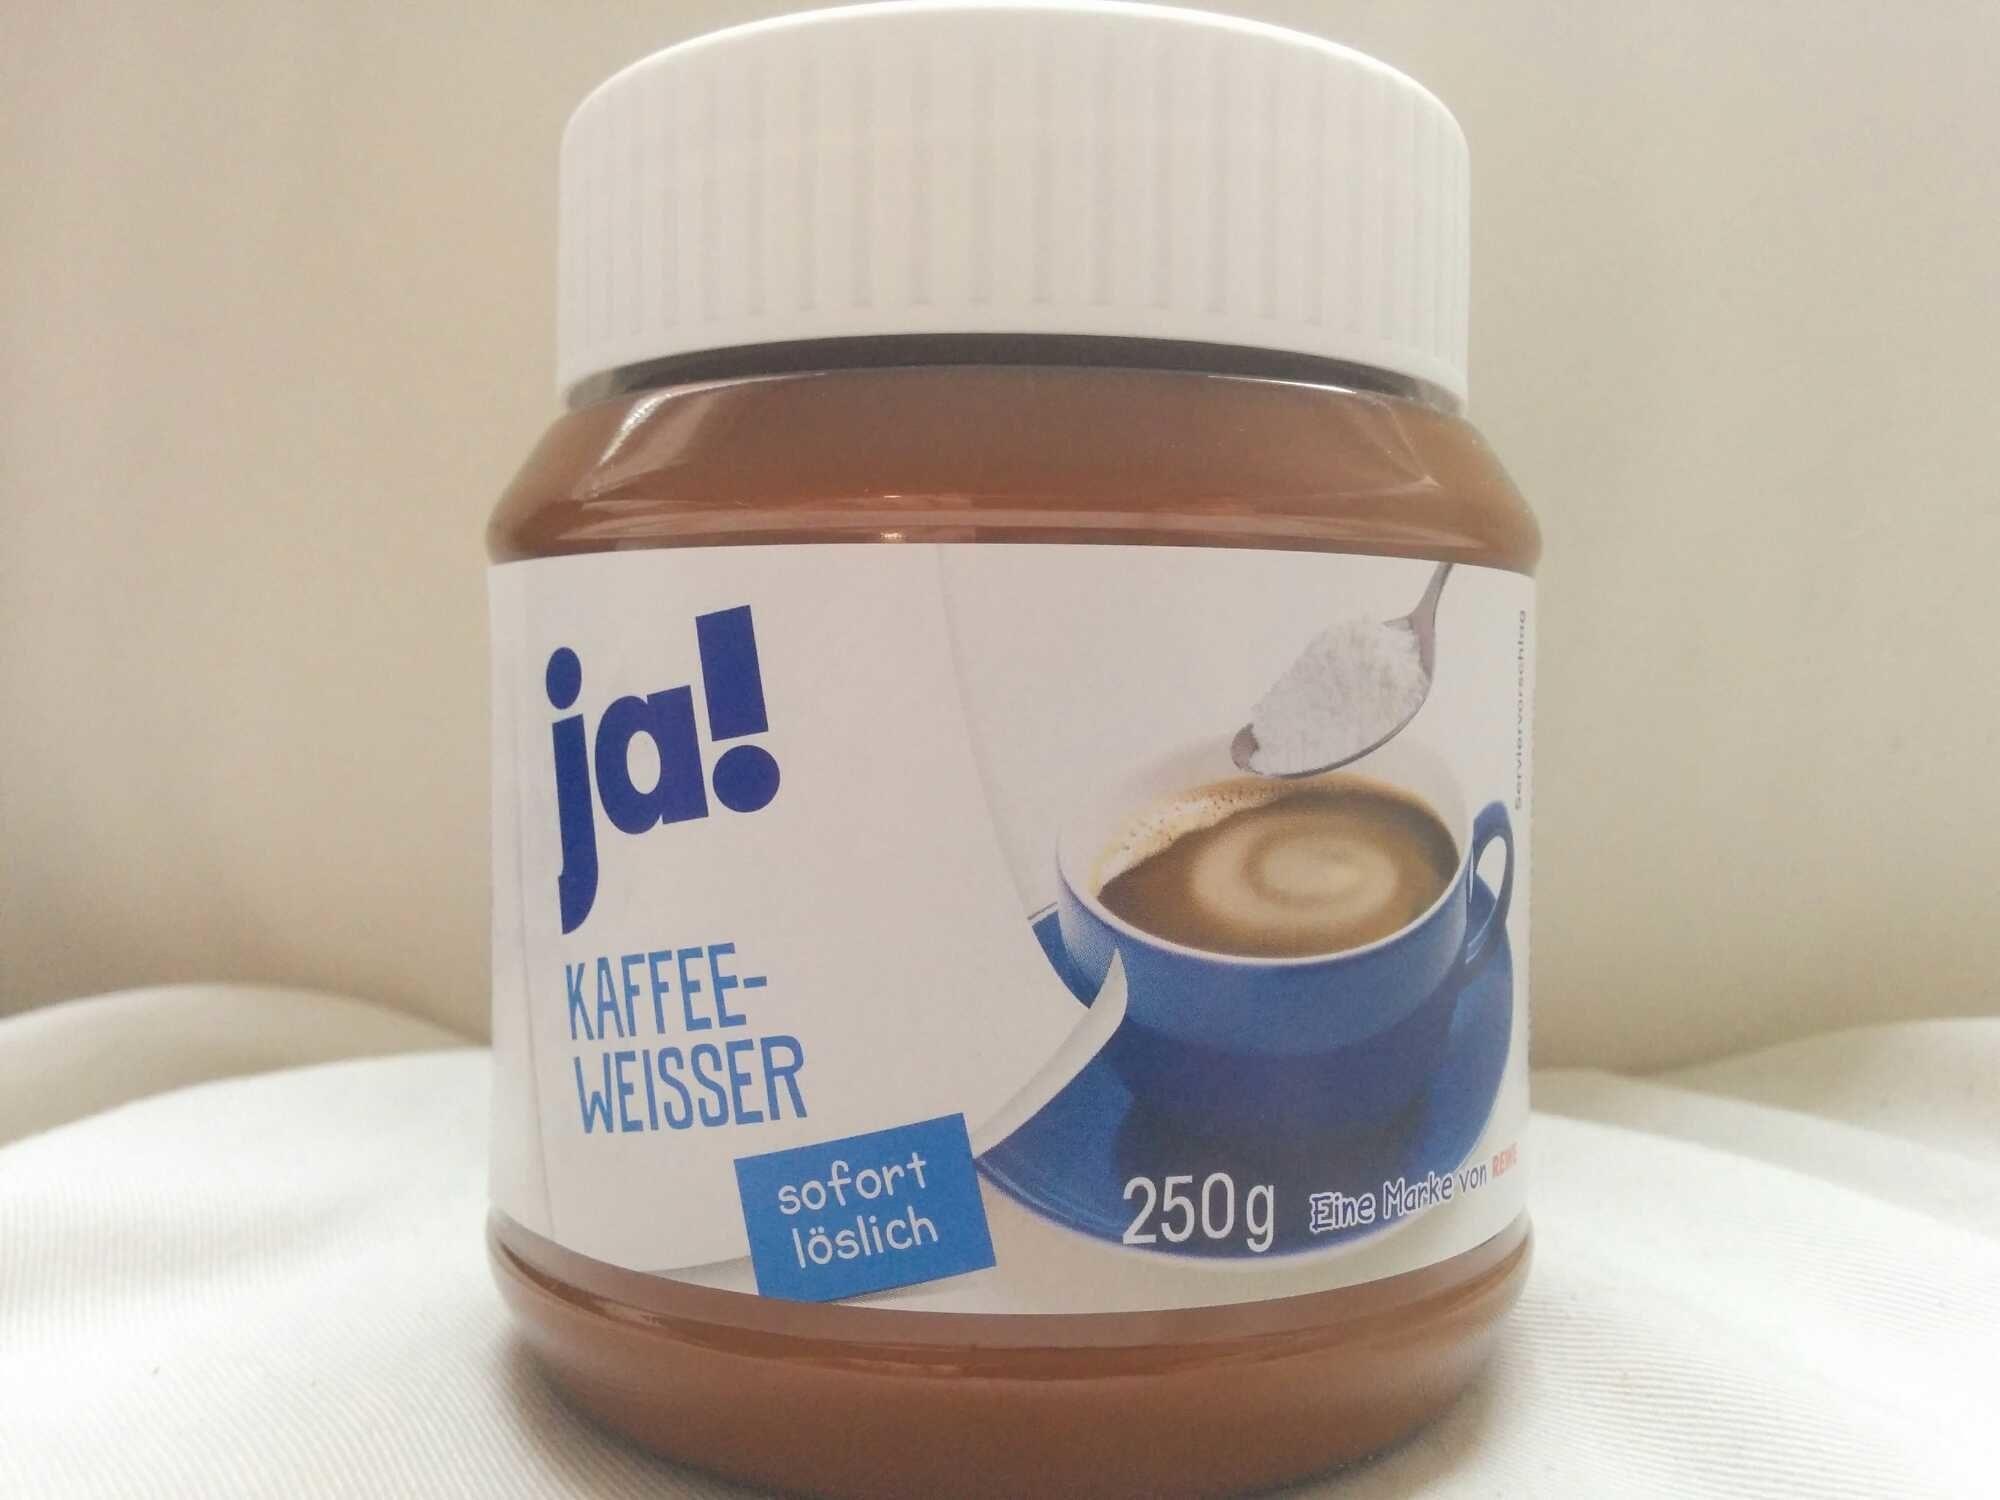 Kaffee-Weisser - Product - en